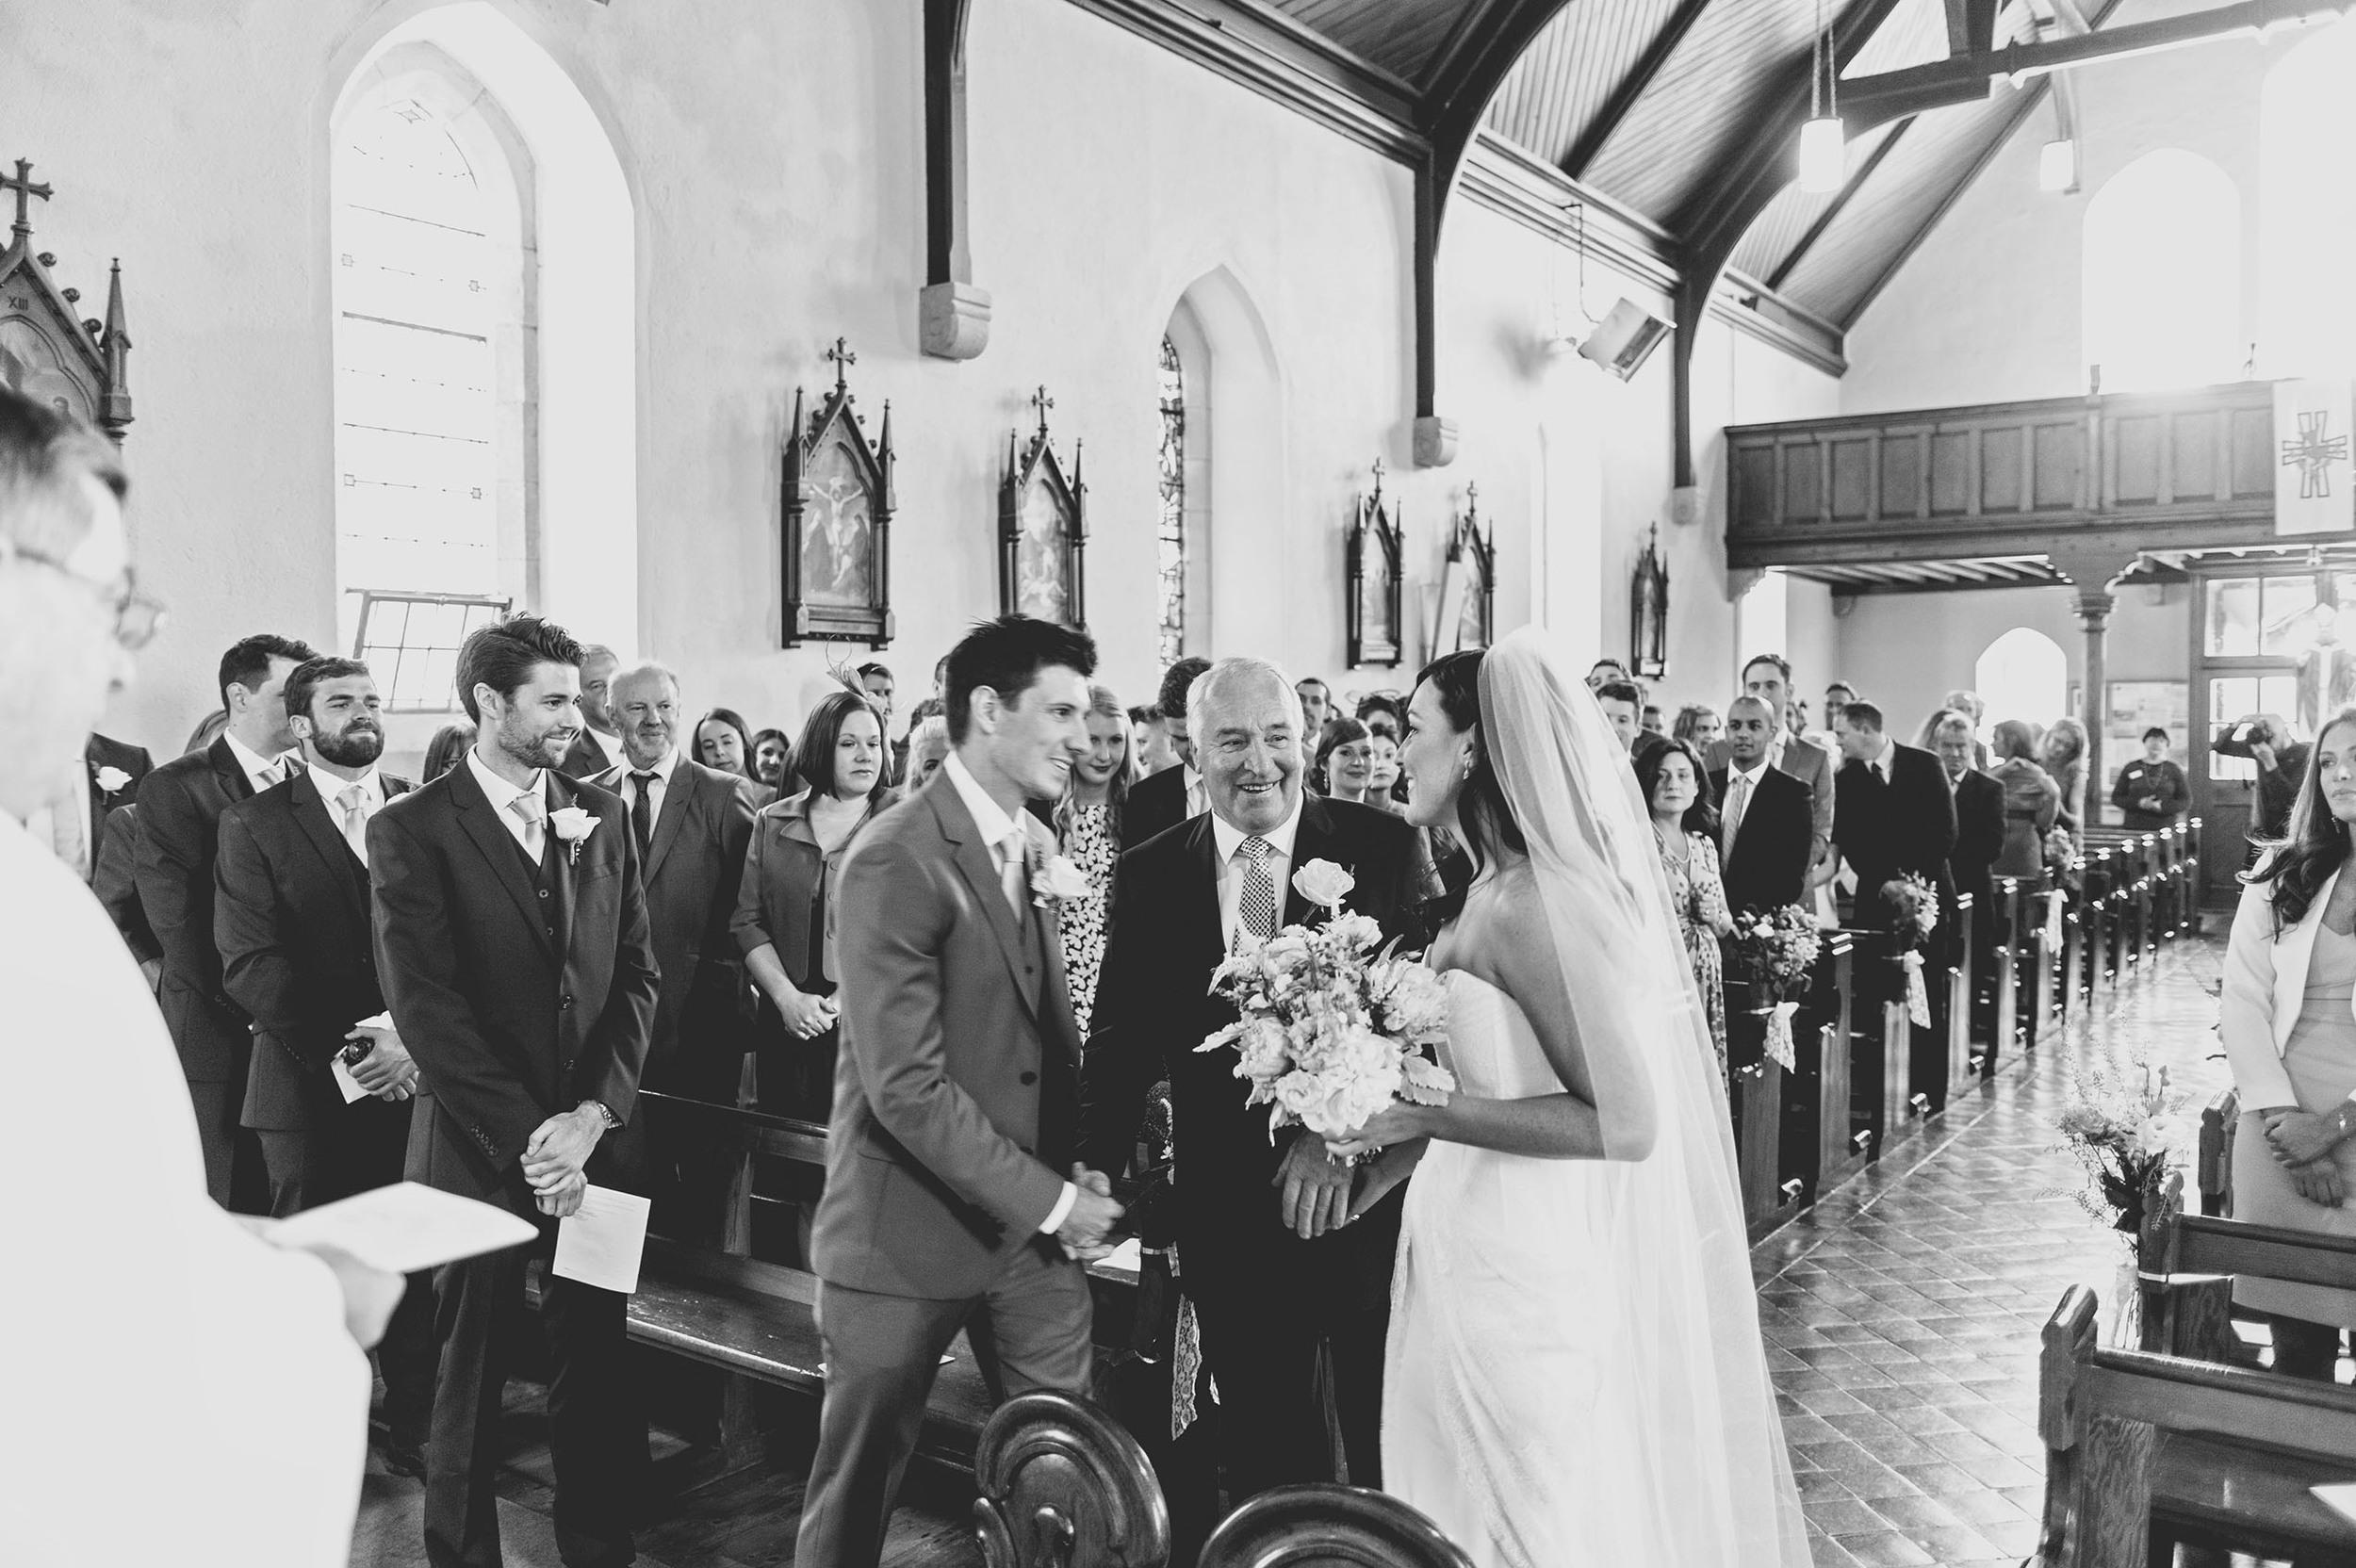 Julie & Matt's Seafield Wedding by Studio33weddings 037.jpg